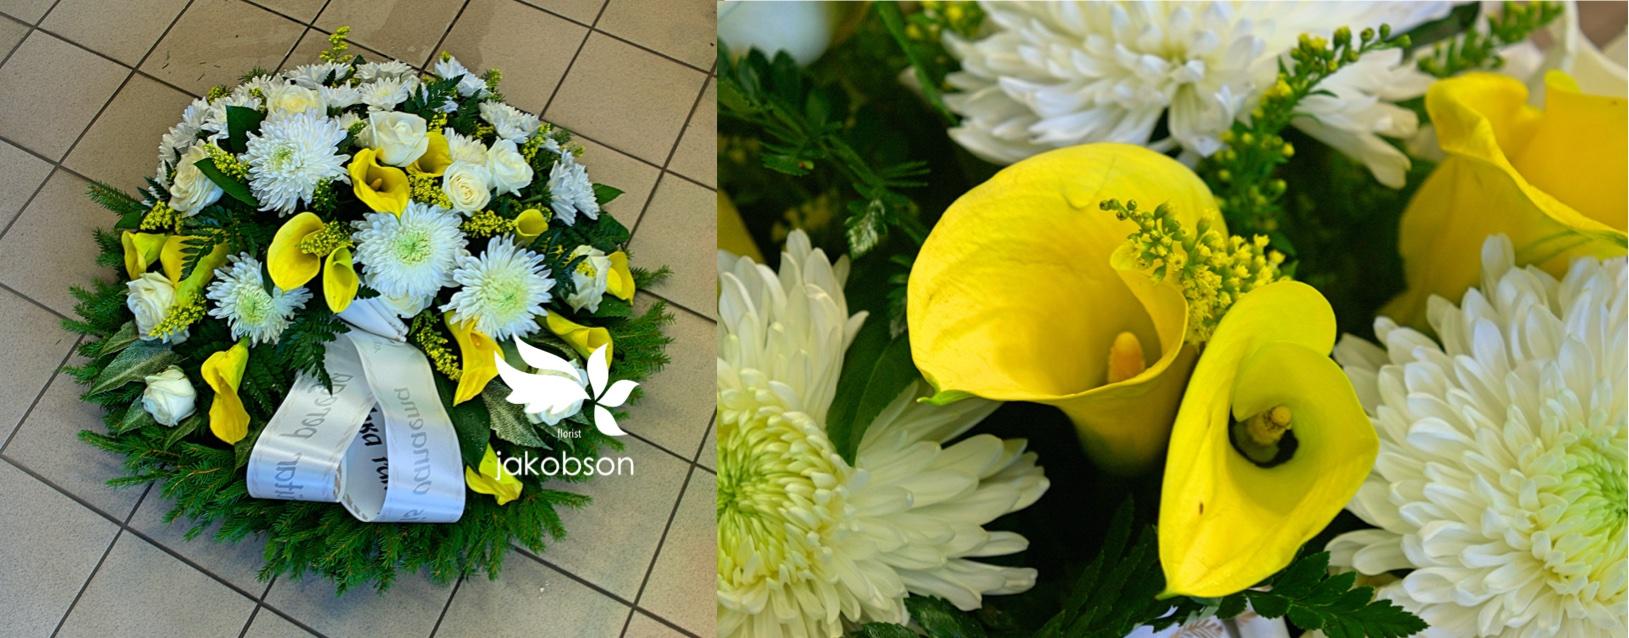 Matusepärg - Matusepärjad kuuseokstega